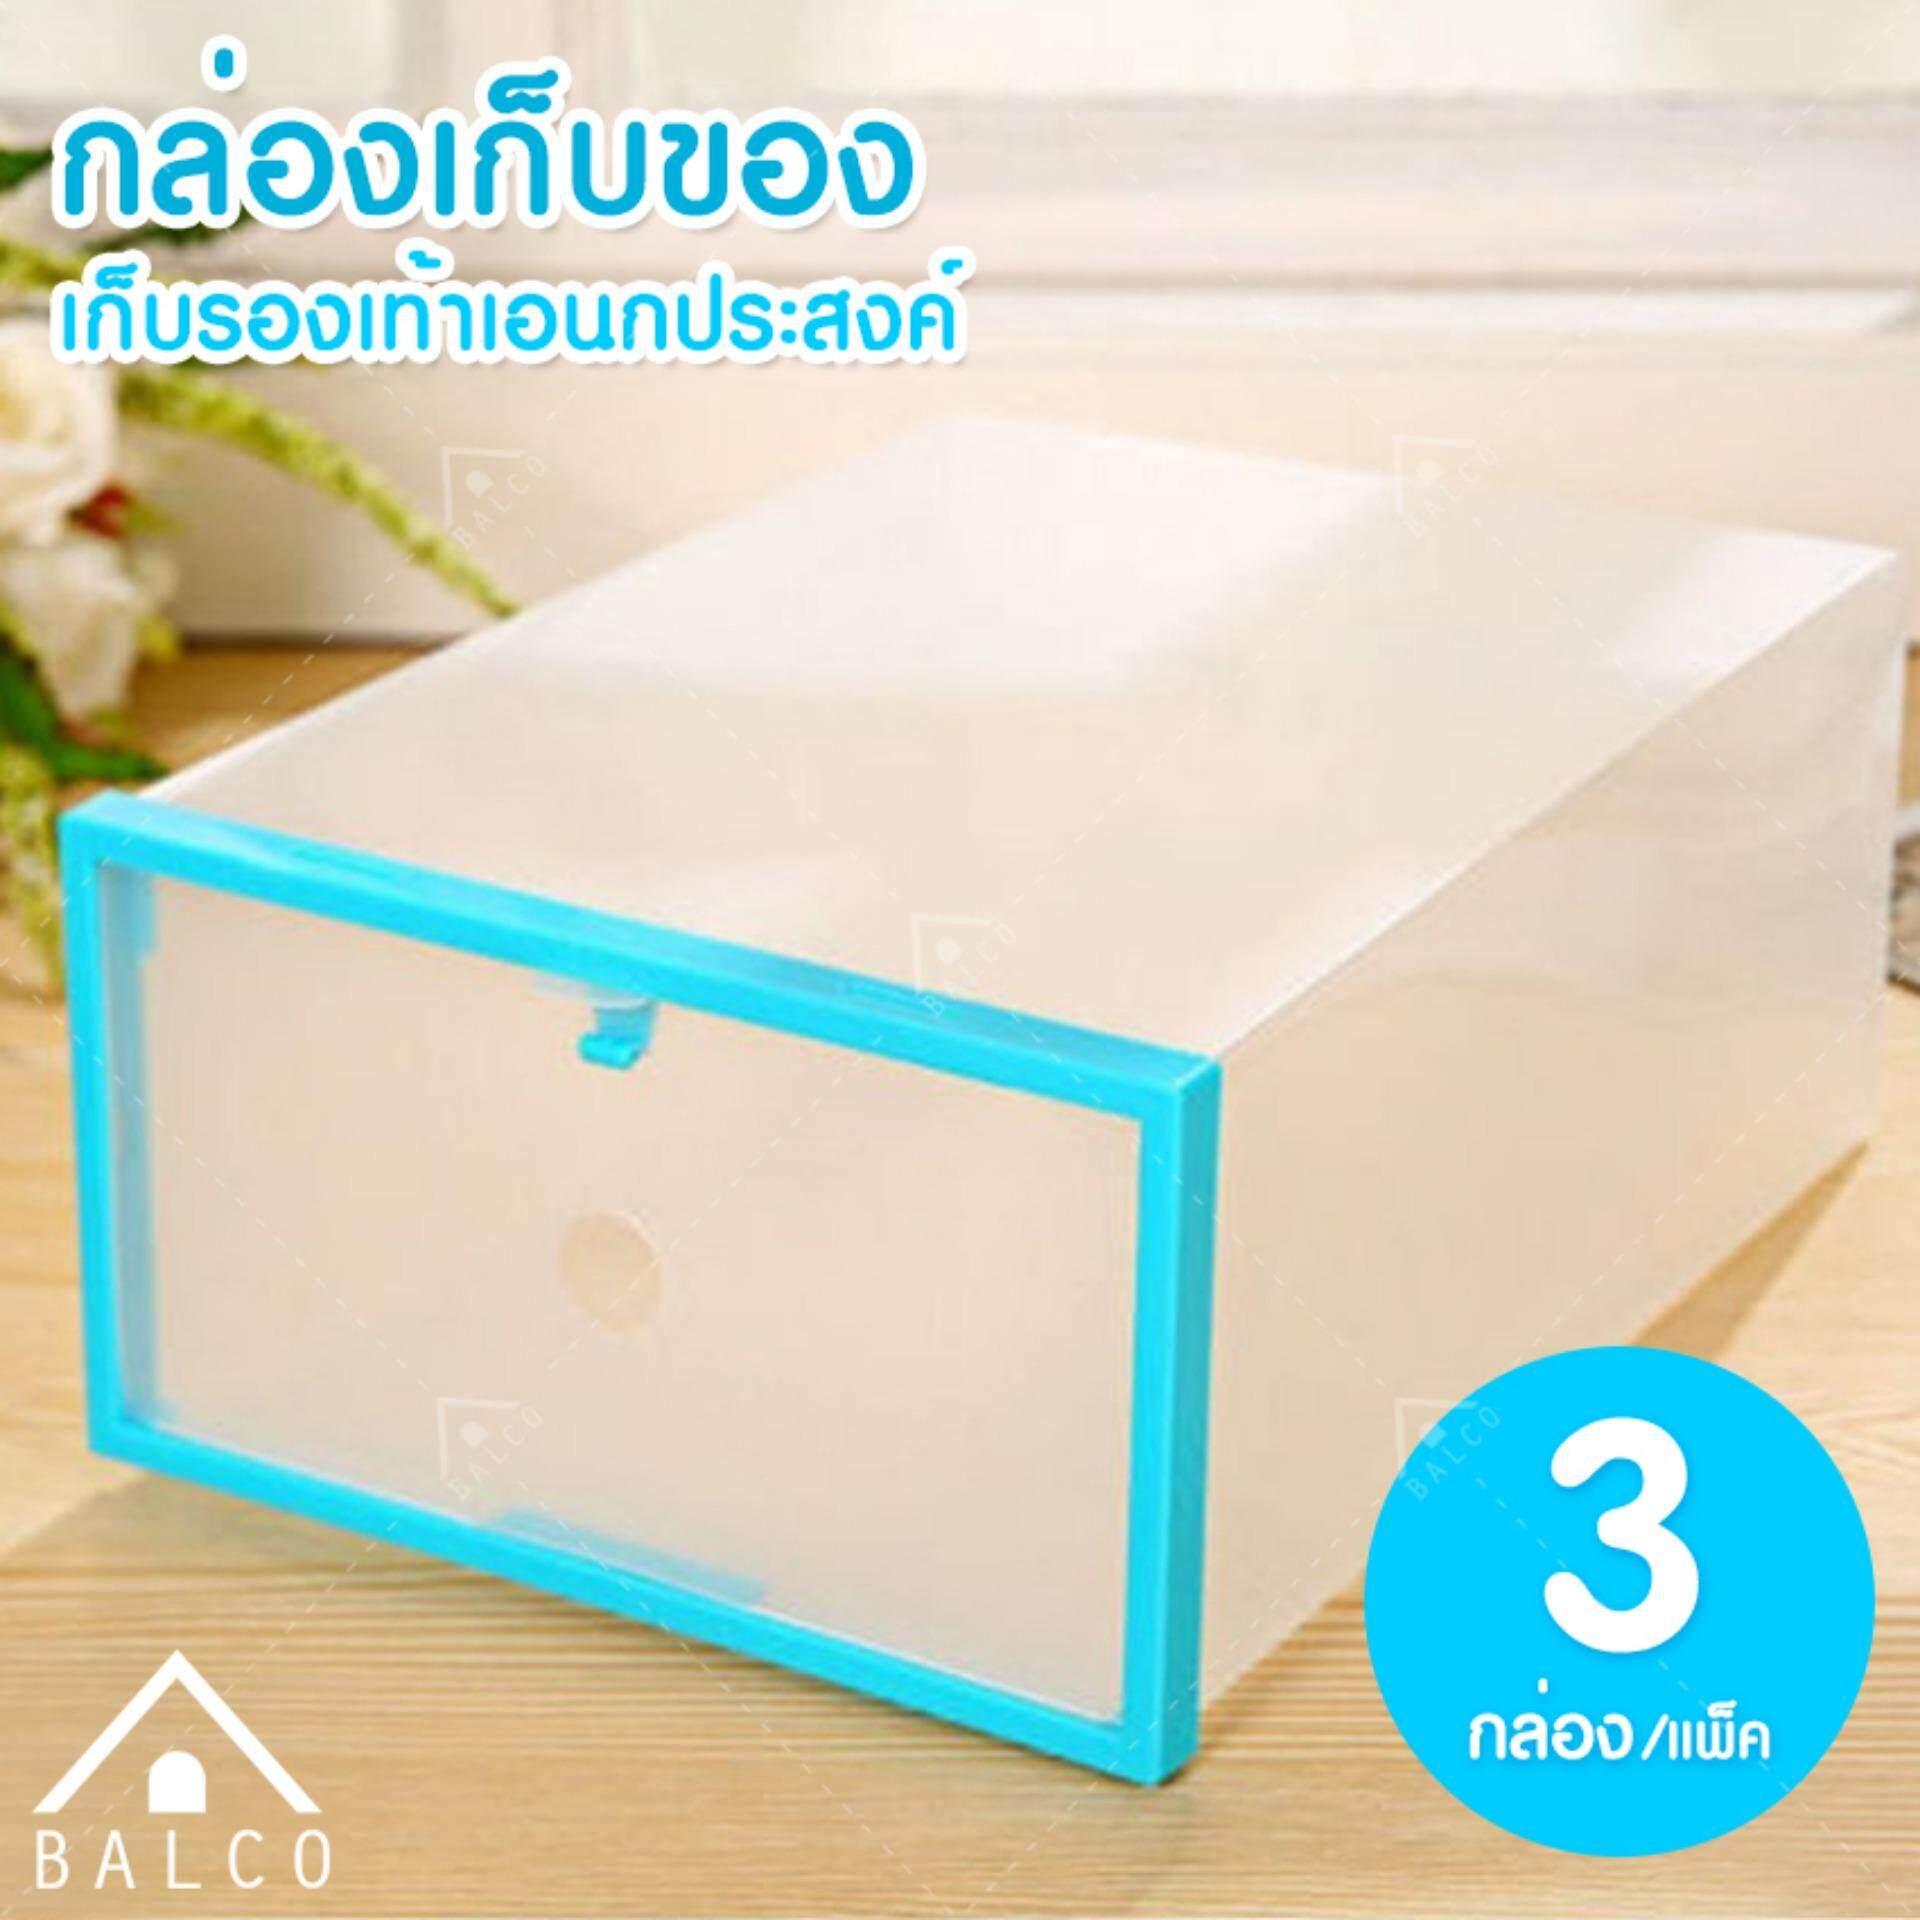 ราคา Balco ชุด กล่องรองเท้า กล่องเก็บรองเท้า กล่องเอนกประสงค์ พลาสติค น้ำหนักเบา ประกอบ เปิดปิดง่าย ช่วยจัดระเบียบให้คุณ รุ่น Kdh 0062 ขอบฟ้า 1 ชุดมี 3 กล่อง ที่สุด